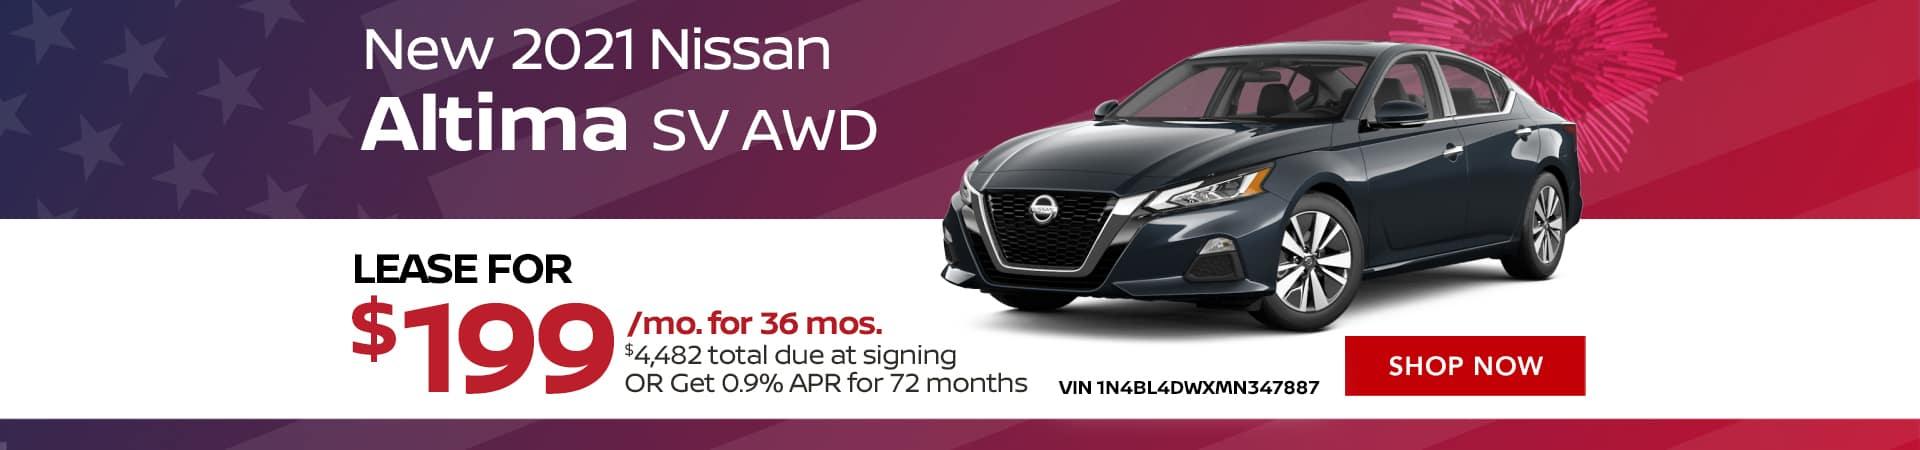 JRN_1920x450_New 2021 Nissan _Altima SV AWD__0221